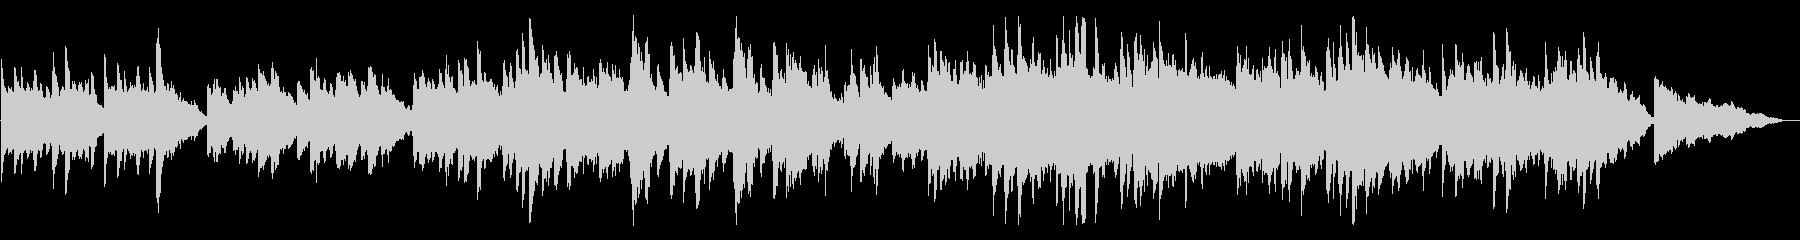 ストリングスが切なく響くピアノのバラードの未再生の波形